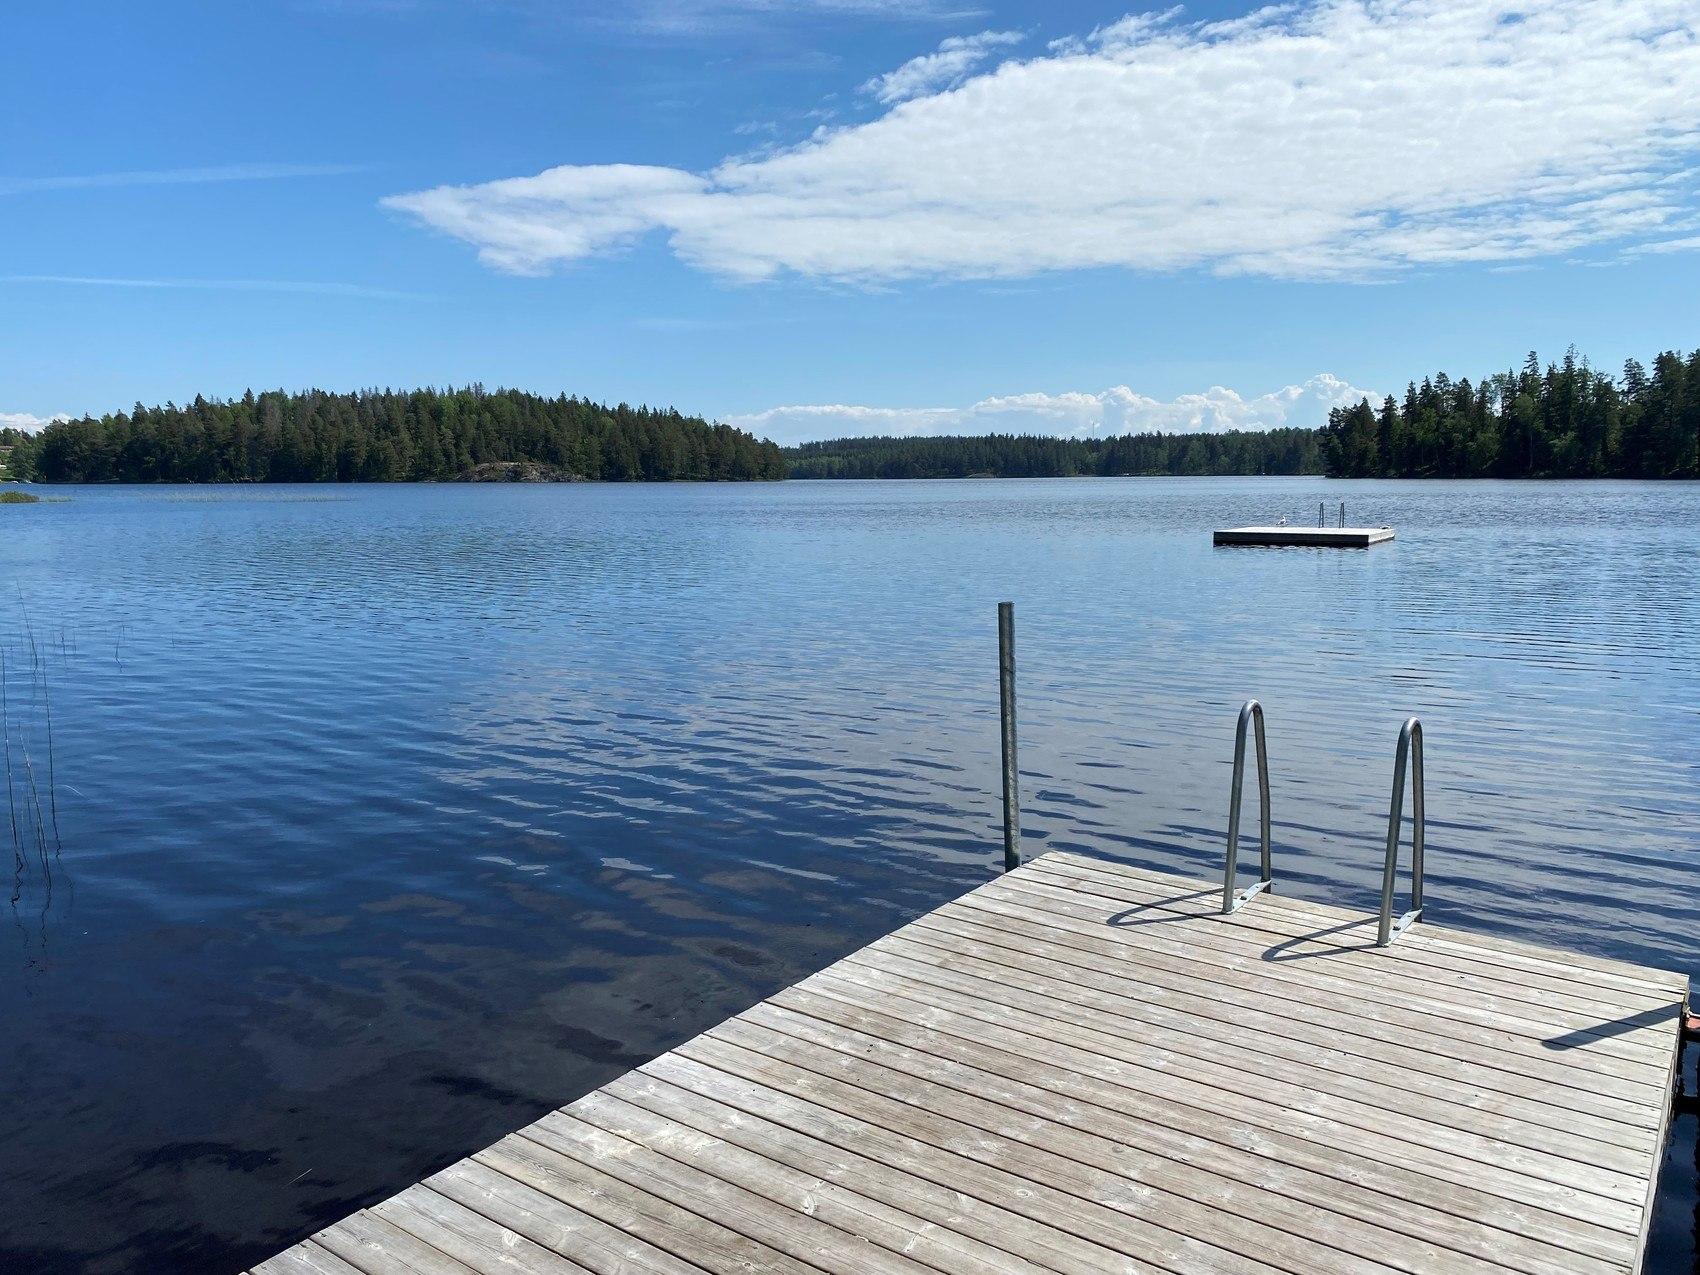 Delar av en brygga omgiven av en blå sjö i strålande solsken, i bakgrunden syns en flytbrygga.